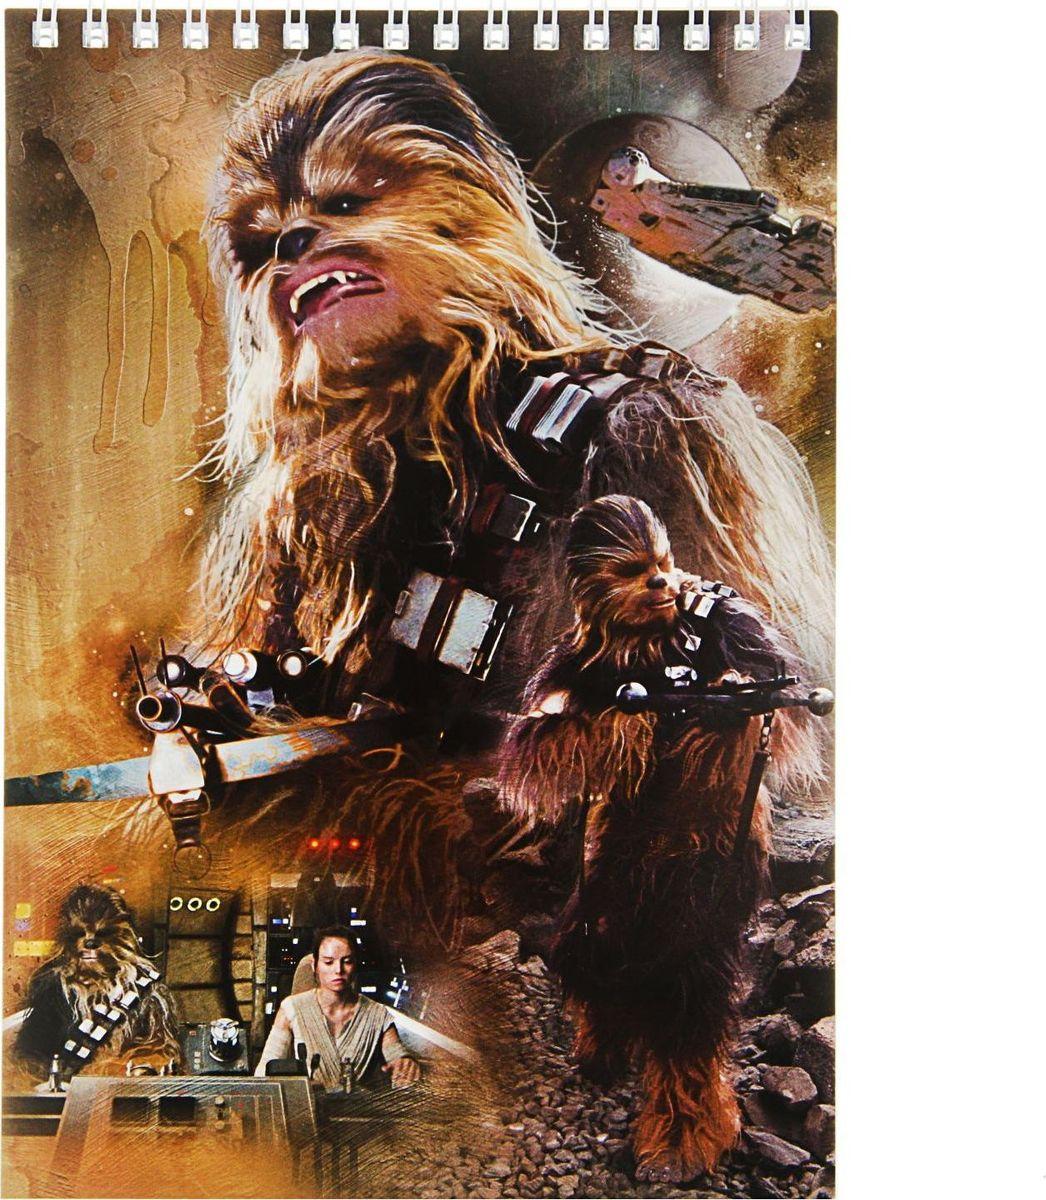 Star Wars Блокнот Звездные войны 60 листов2126327Блокнот Звездные войны обладает всеми необходимыми характеристиками, чтобы стать вашим полноценным помощником на каждый день.Блокнот — компактное и практичное полиграфическое изделие, предназначенное для записей и заметок. Такой аксессуар прекрасно подойдёт для фиксации повседневных дел.Это канцелярское изделие отличается красочным оформлением и придётся по душе как взрослому, так и ребёнку.